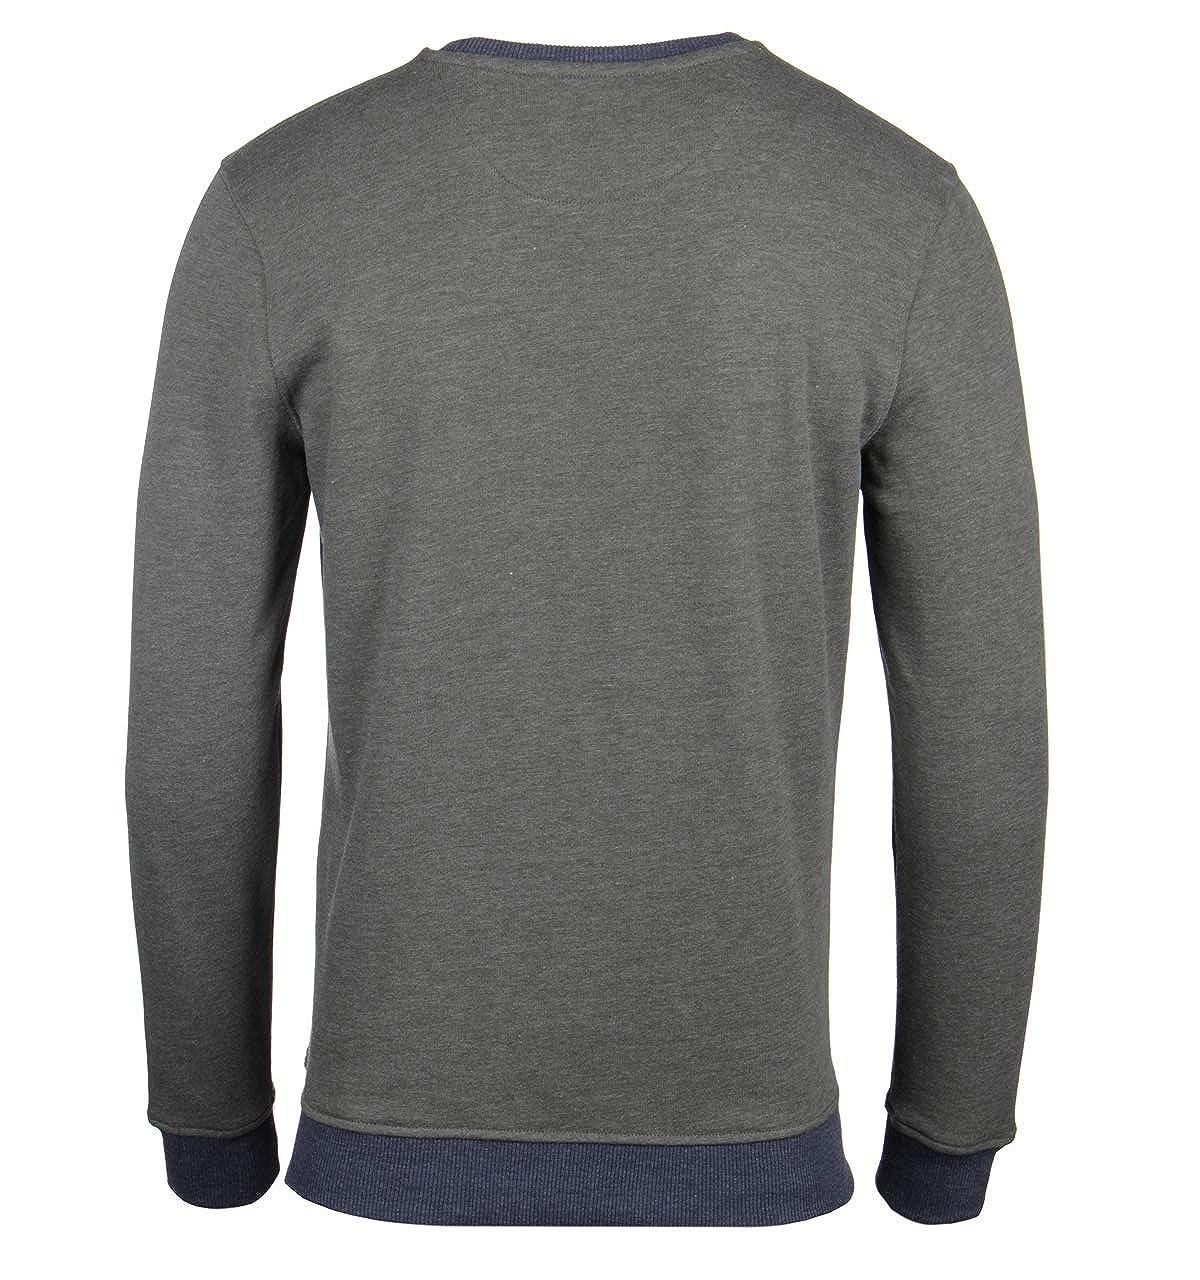 Lyle /& Scott Sage Green Crew Neck Sweatshirt